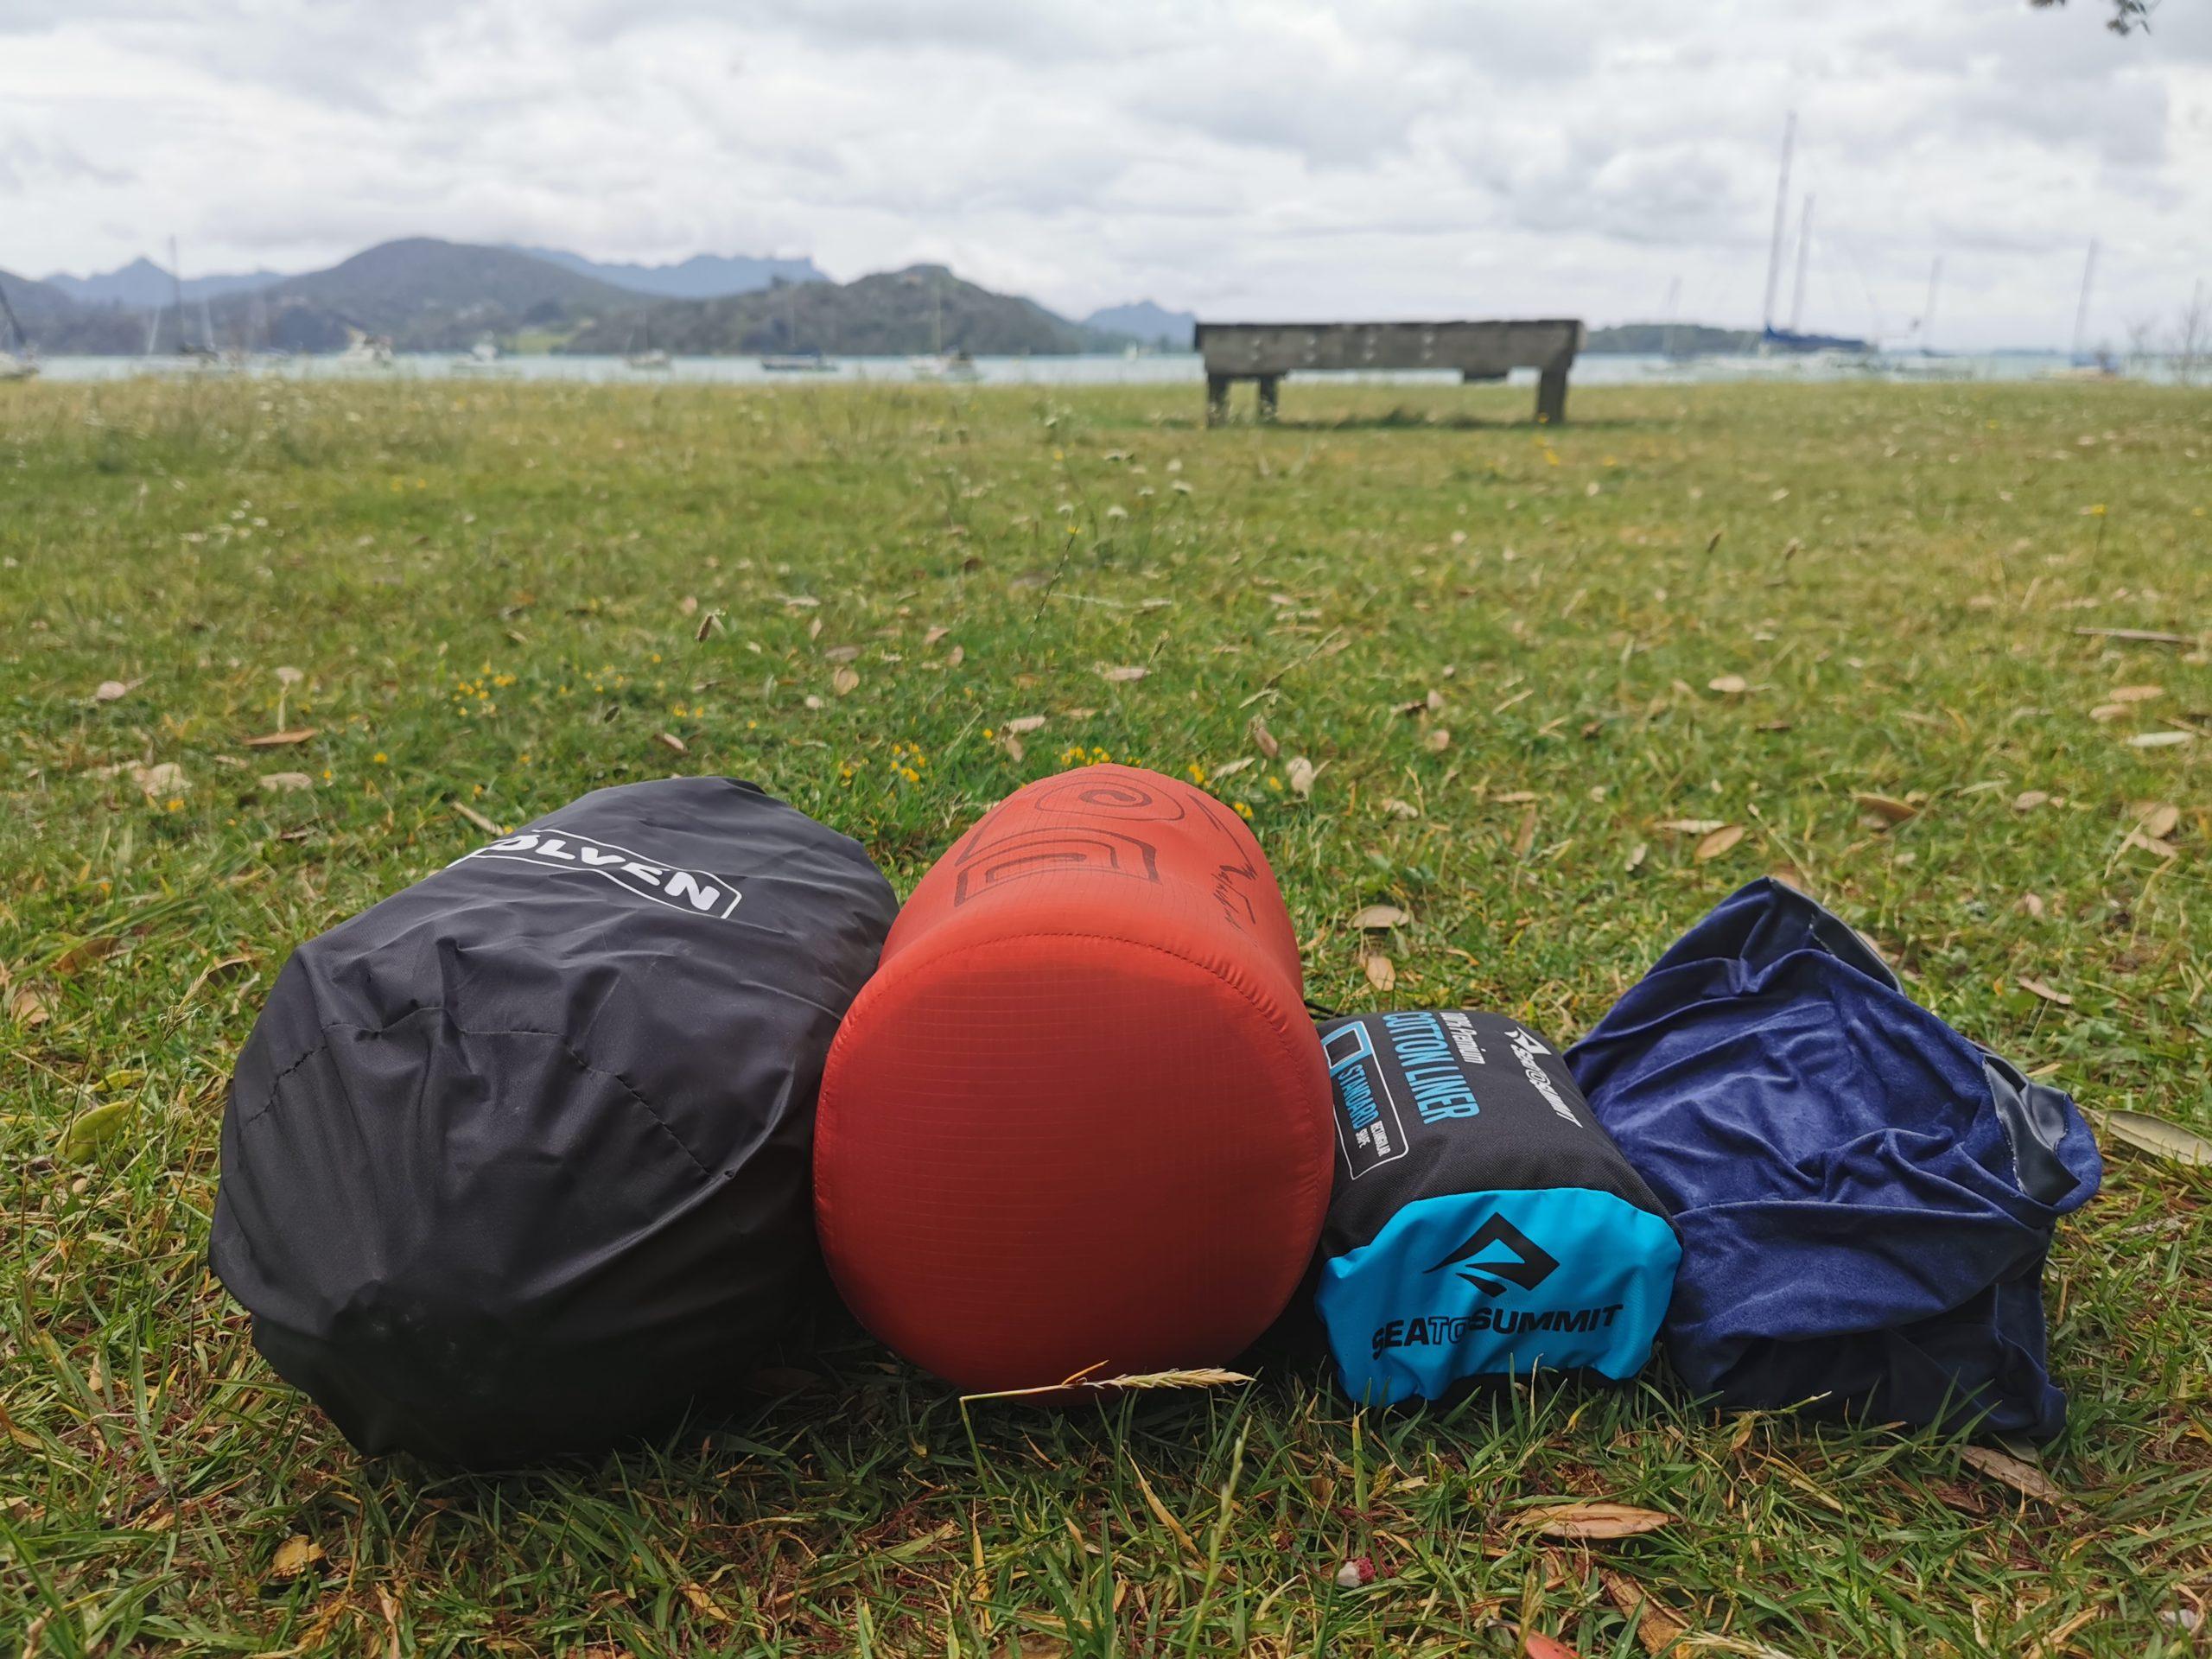 Tanie podróżowanie w Nowej Zelandii